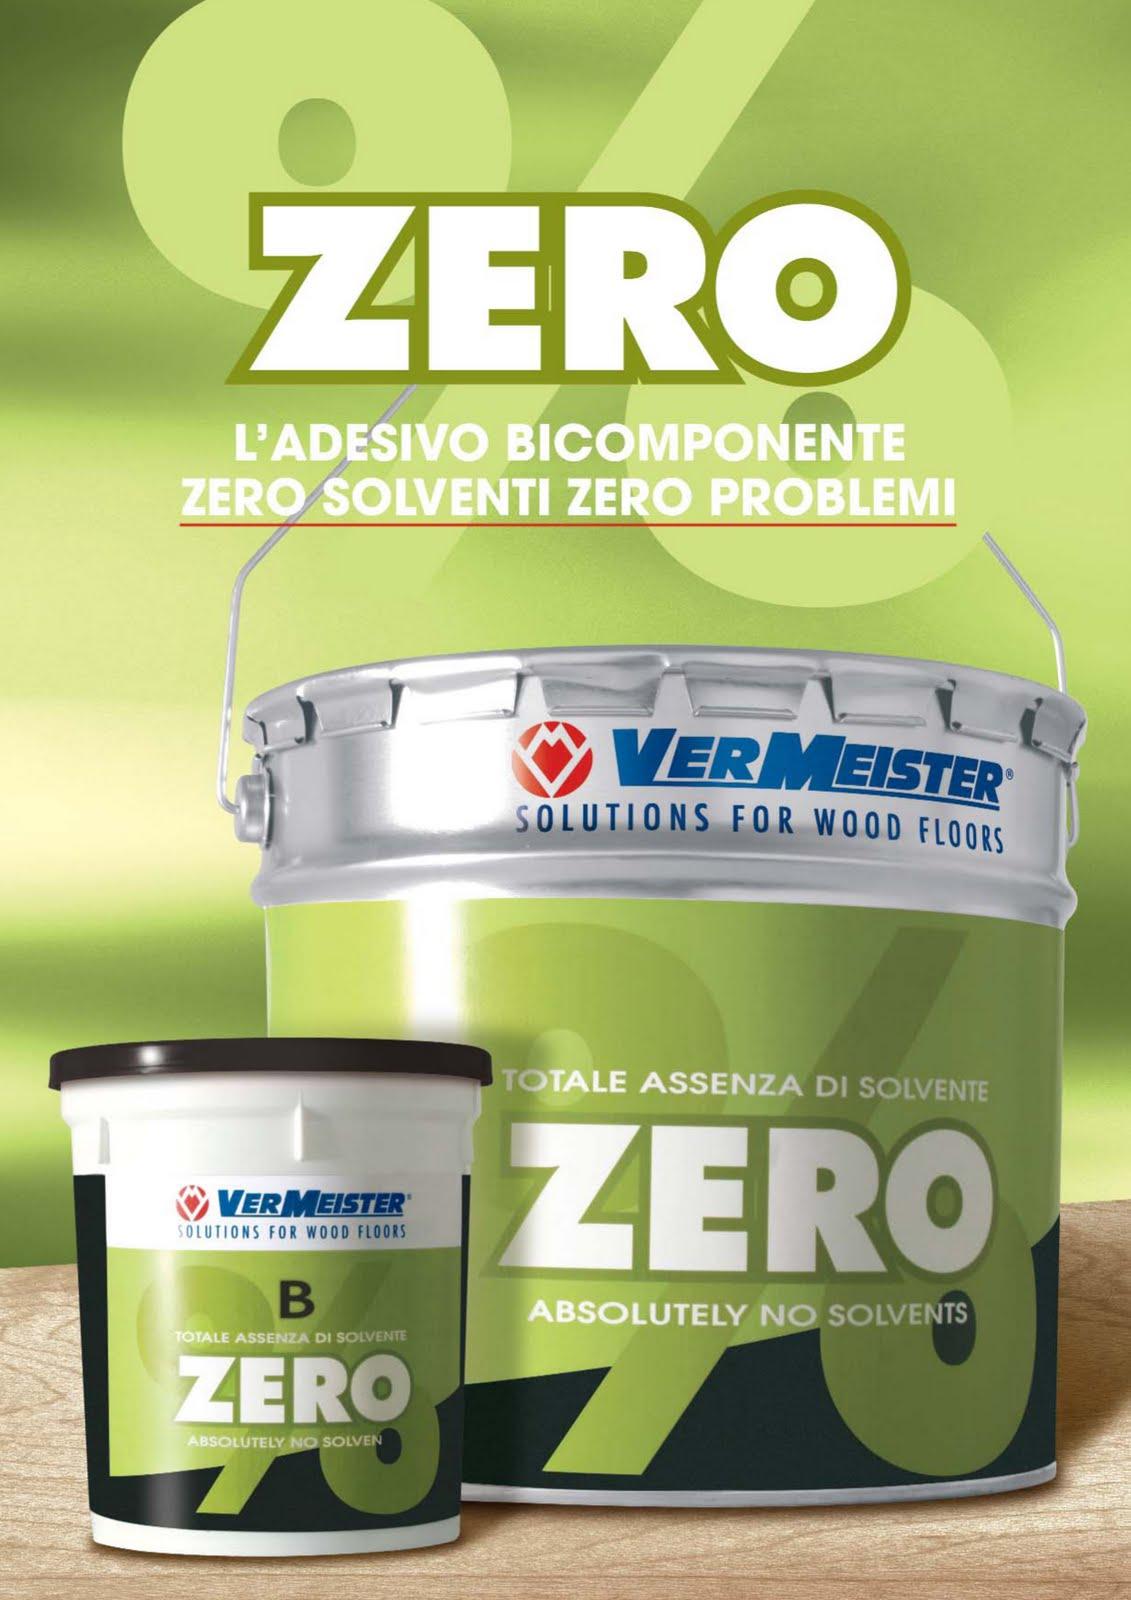 Pegamento dos componentes vermeister zero x parquet 10 kg - Pegamento para parquet ...